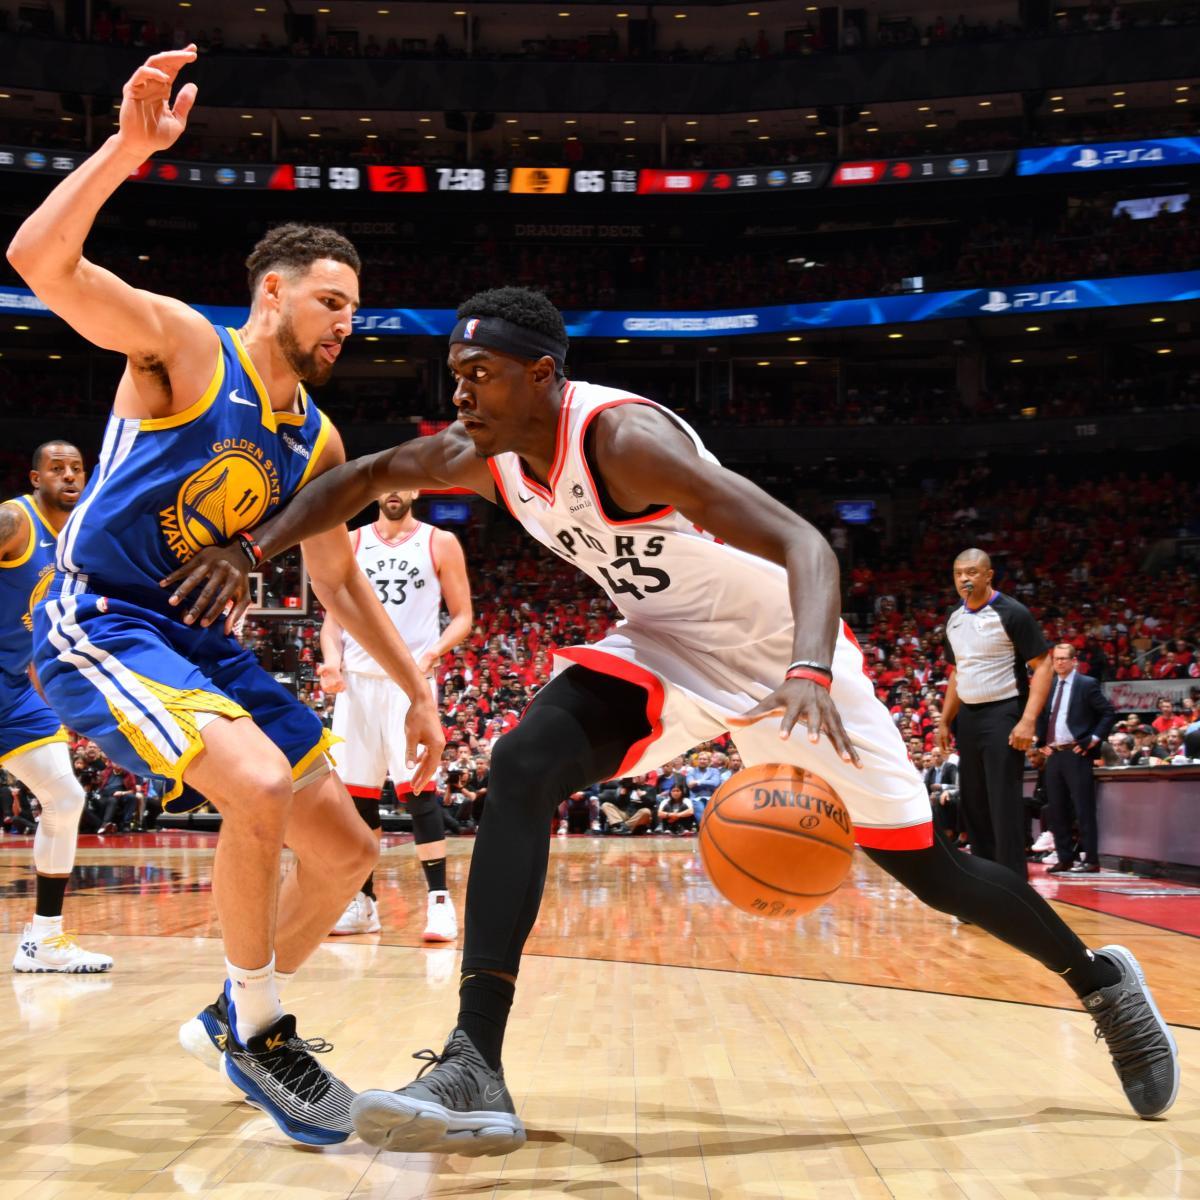 Warriors Game Broadcast Tv: NBA Finals 2019: Raptors Vs. Warriors TV Schedule And Game